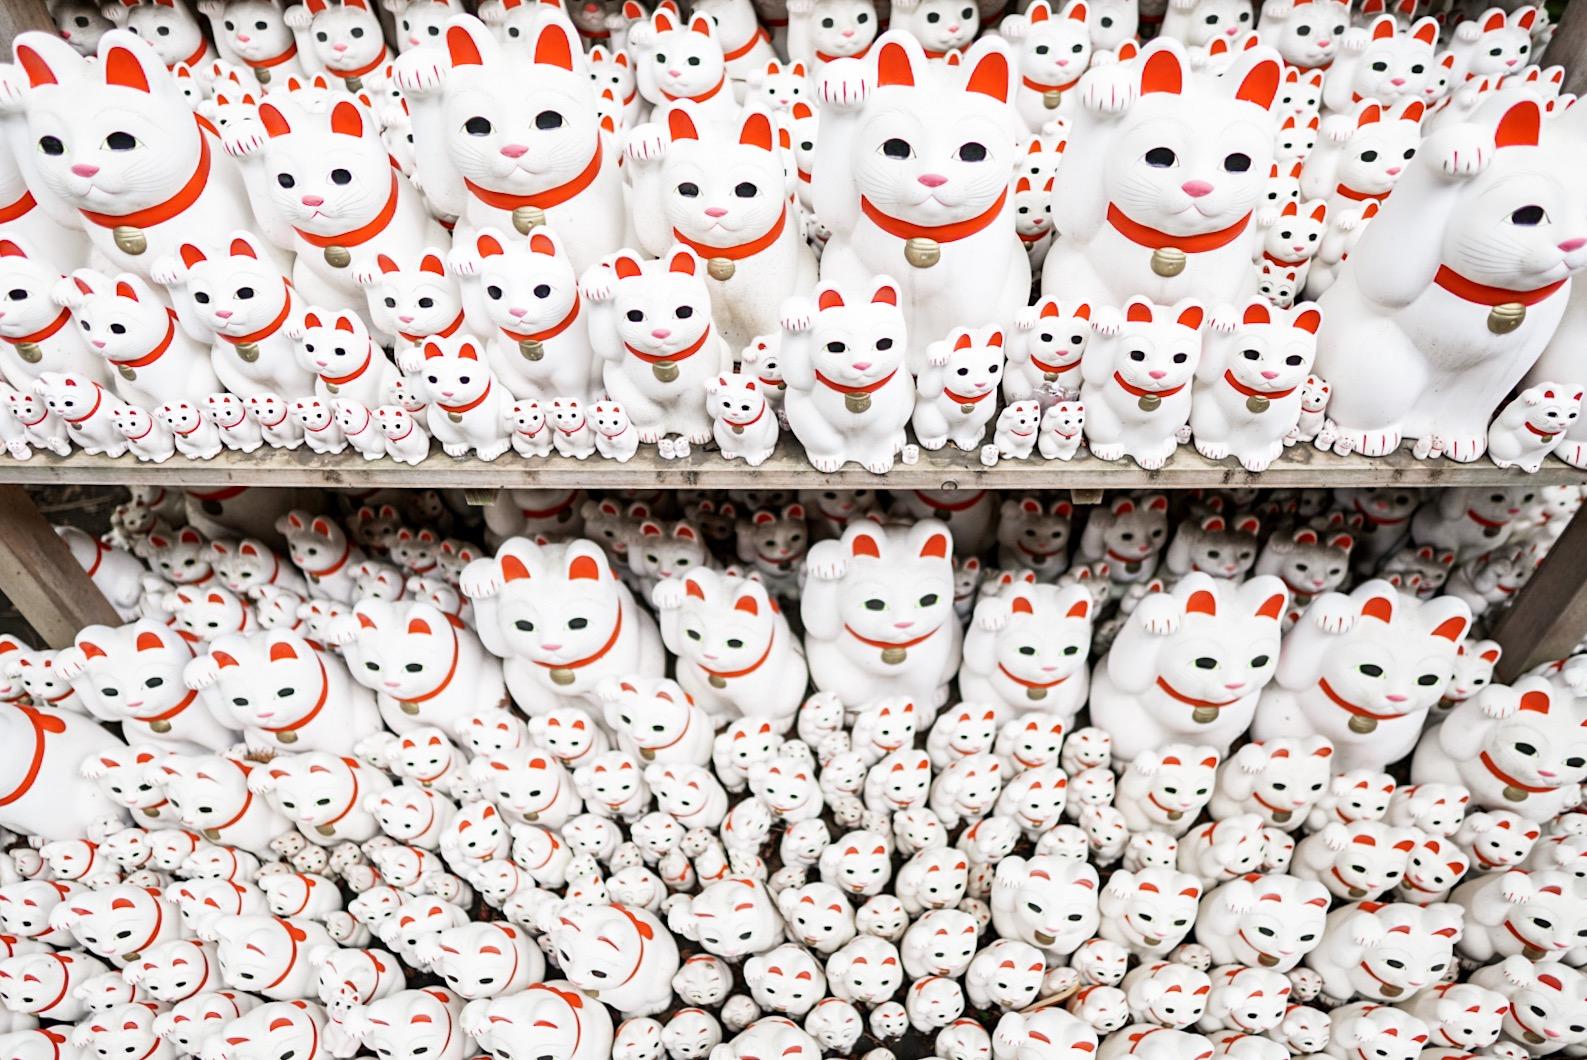 Gotokuji Temple Maneki Neko Cat Figurines